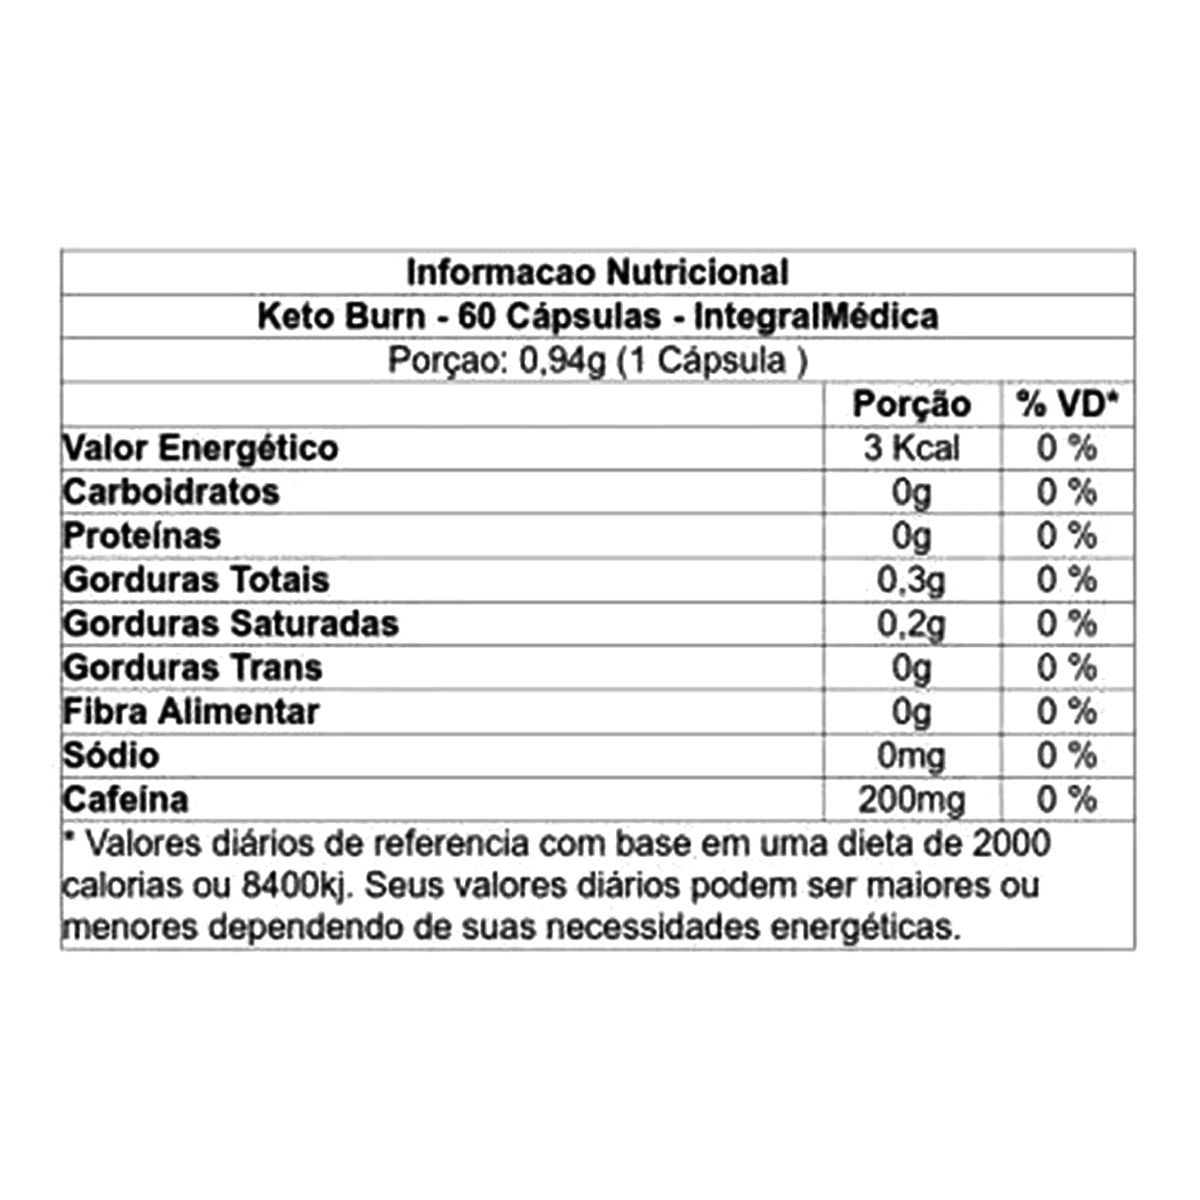 Keto Burn - 60 Cápsulas - Integralmédica